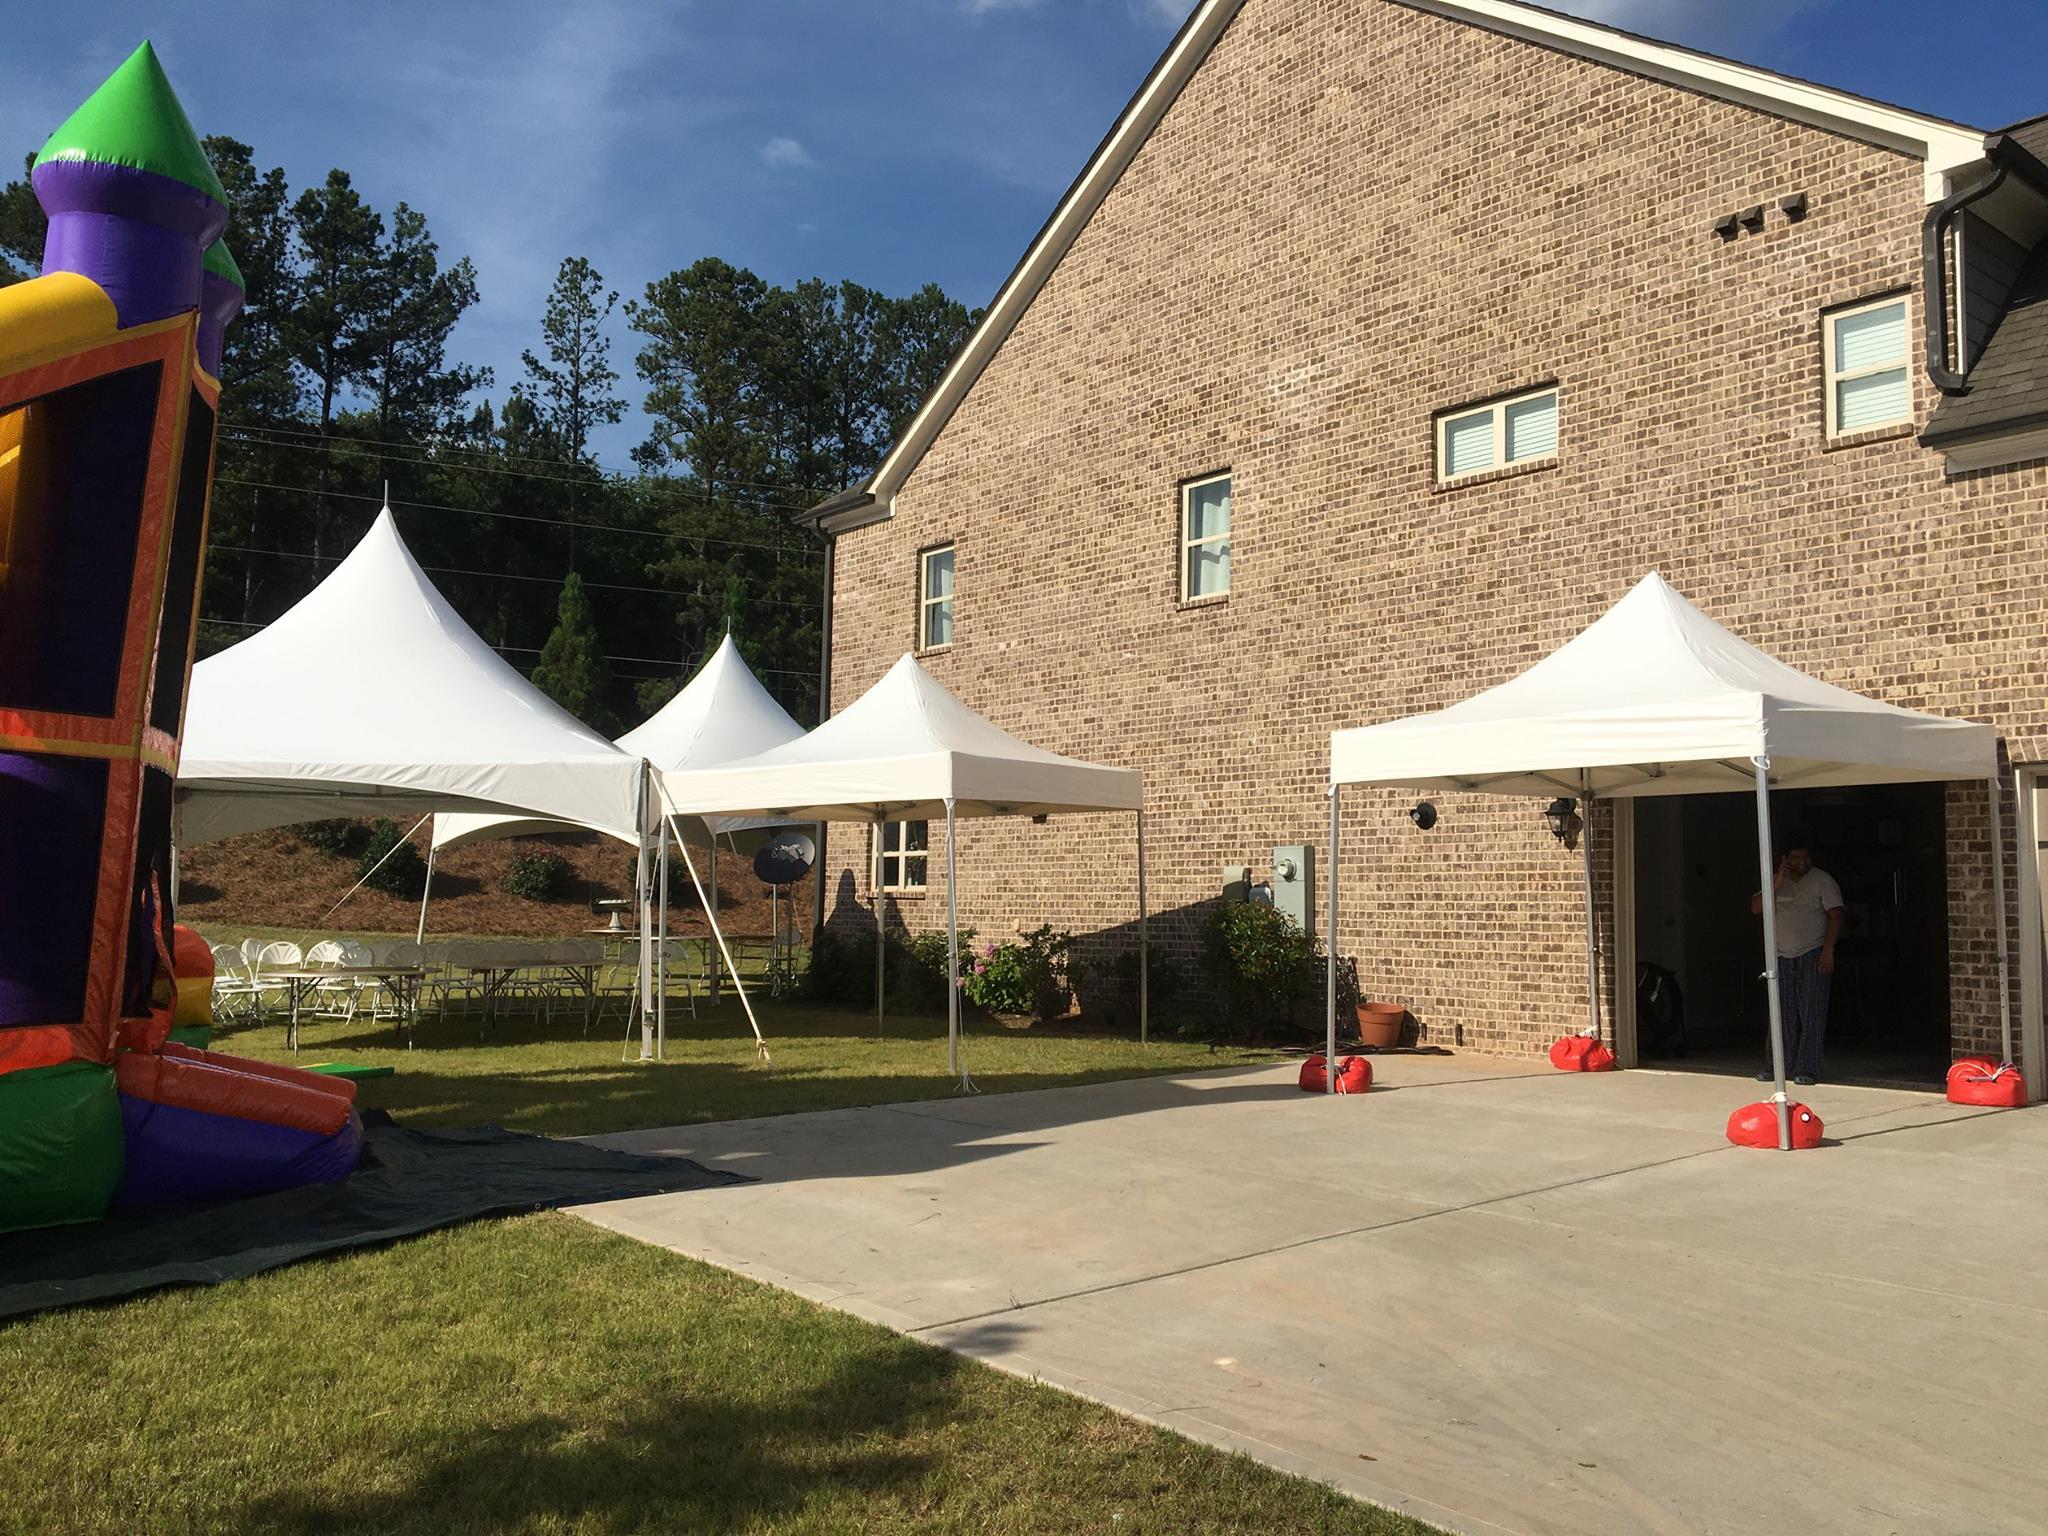 Multi Tent rentals